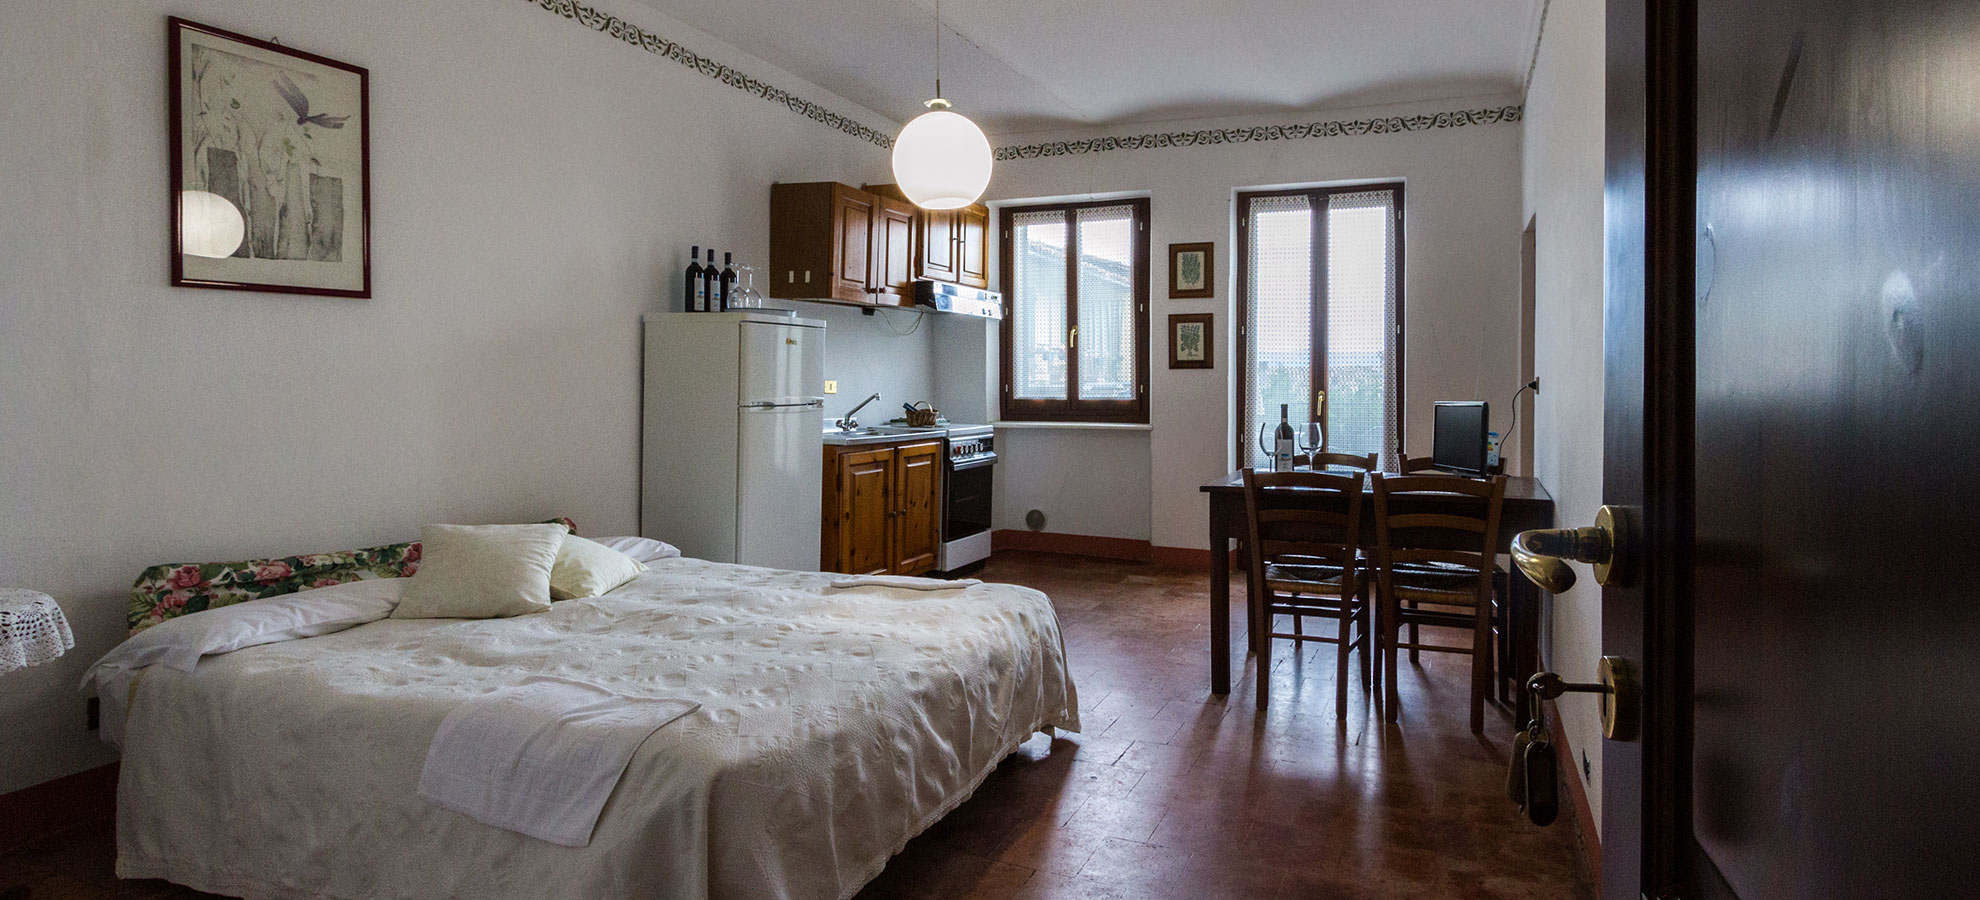 appartamento-camere-antiche-langhe